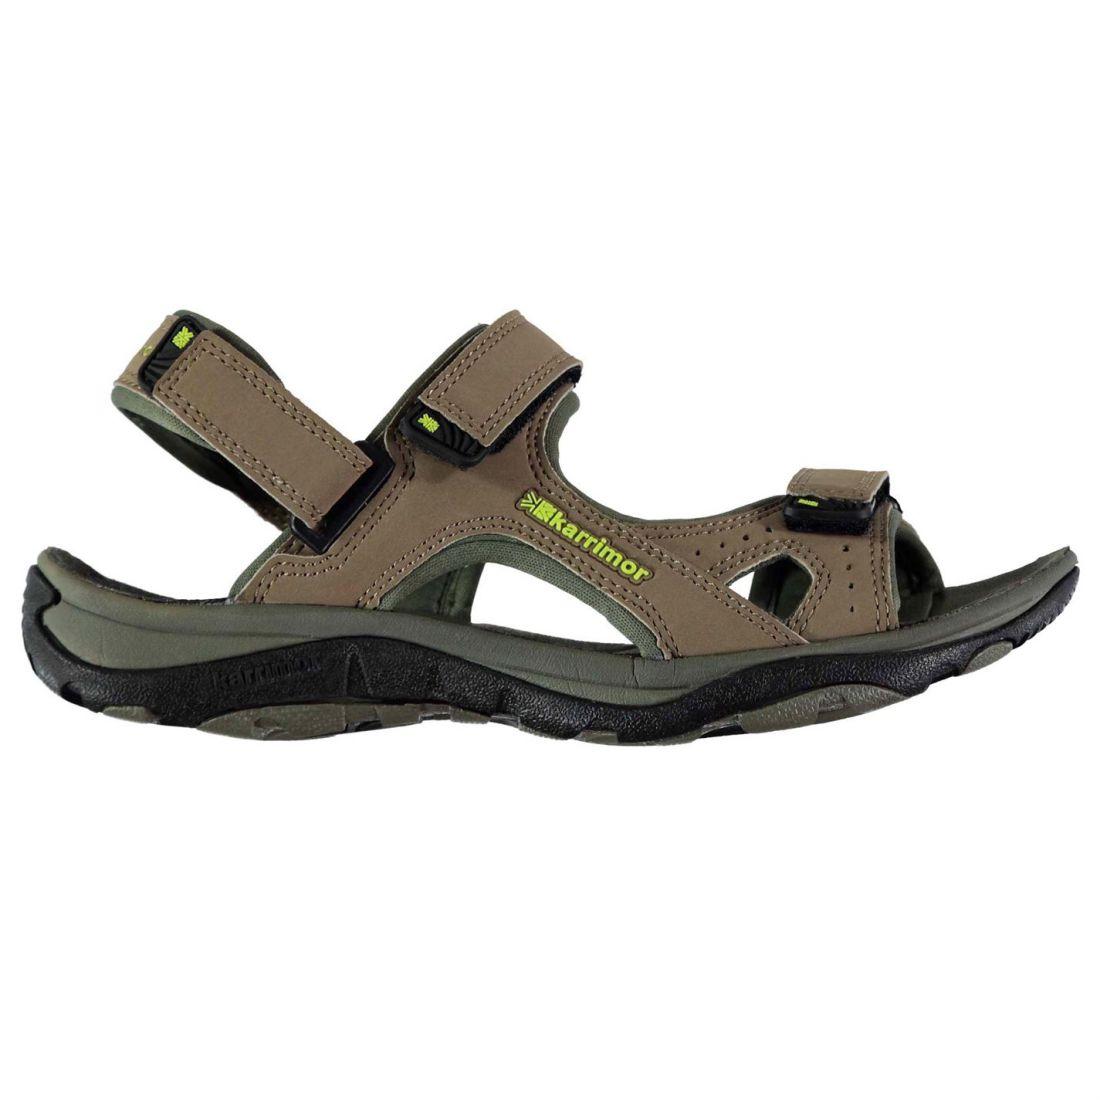 8612122d45f7 Karrimor Womens Antibes Ladies Sandals Summer Walking Shoes Footwear ...